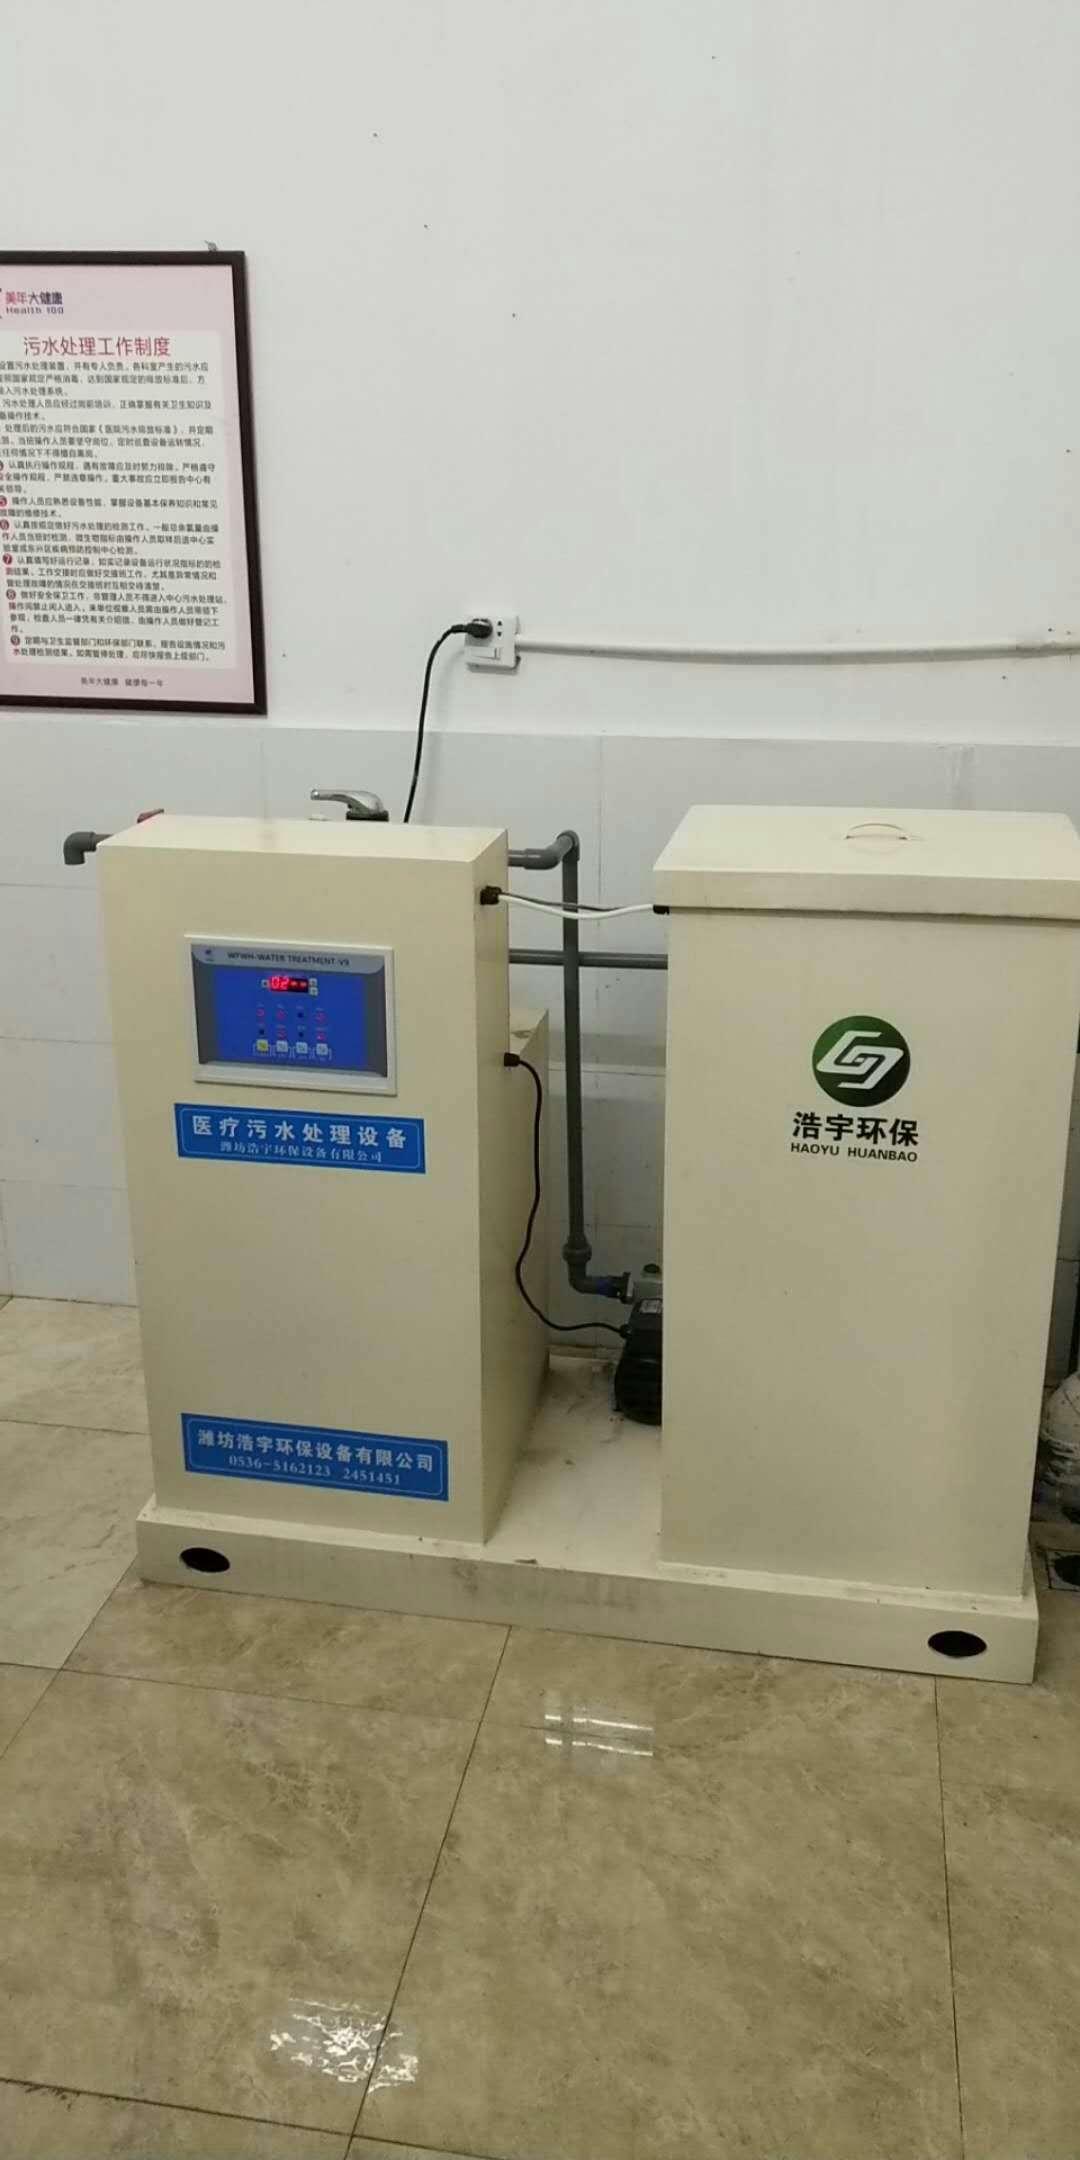 北京實驗室污水處理設備 <br> 全新  價格:26500 <br> <img src=http://i.job8080.com/img/up/img/5f2a78b2e555e.jpg width=150 >